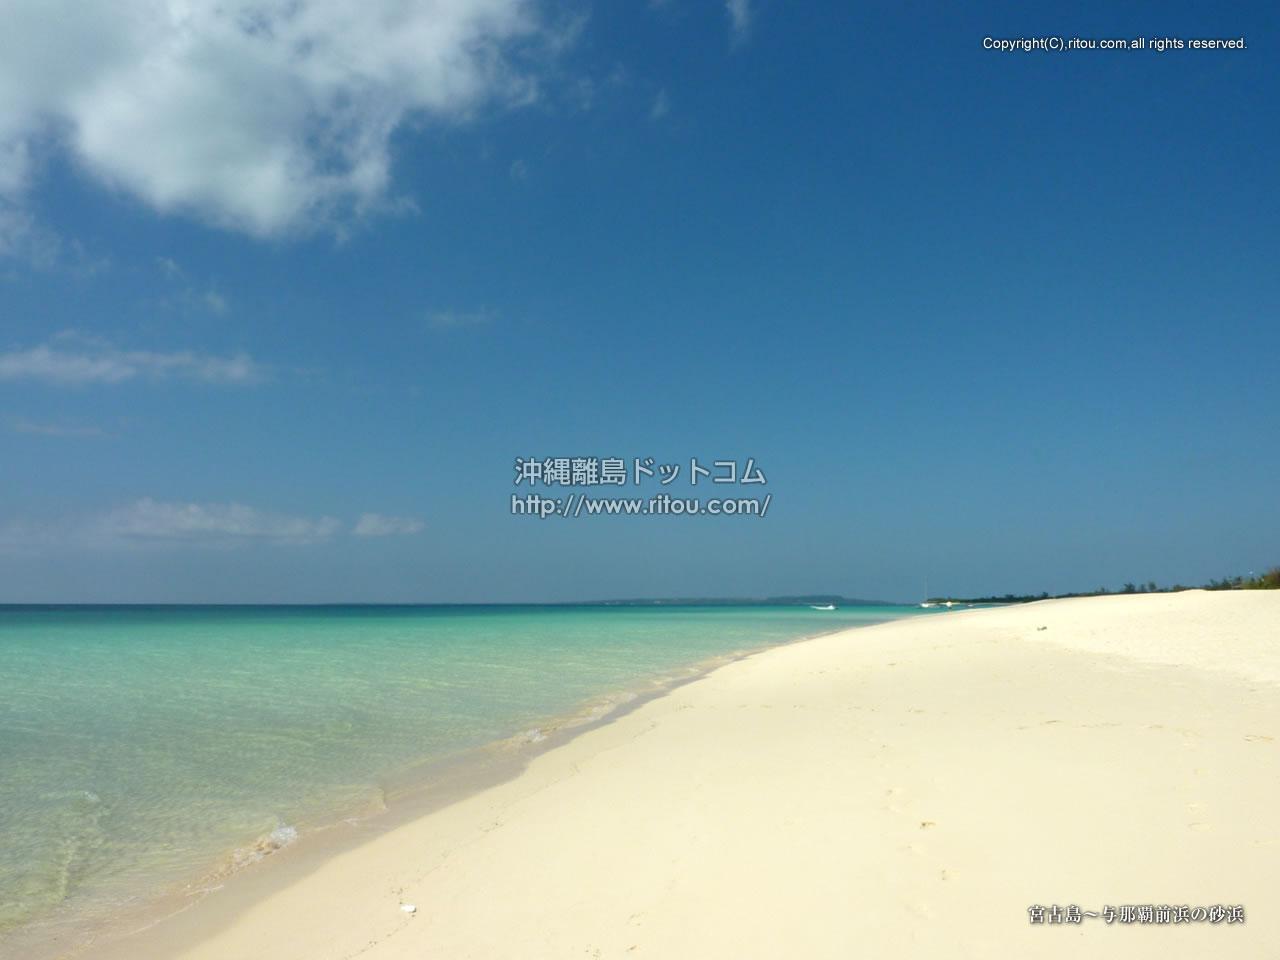 宮古島〜与那覇前浜の砂浜